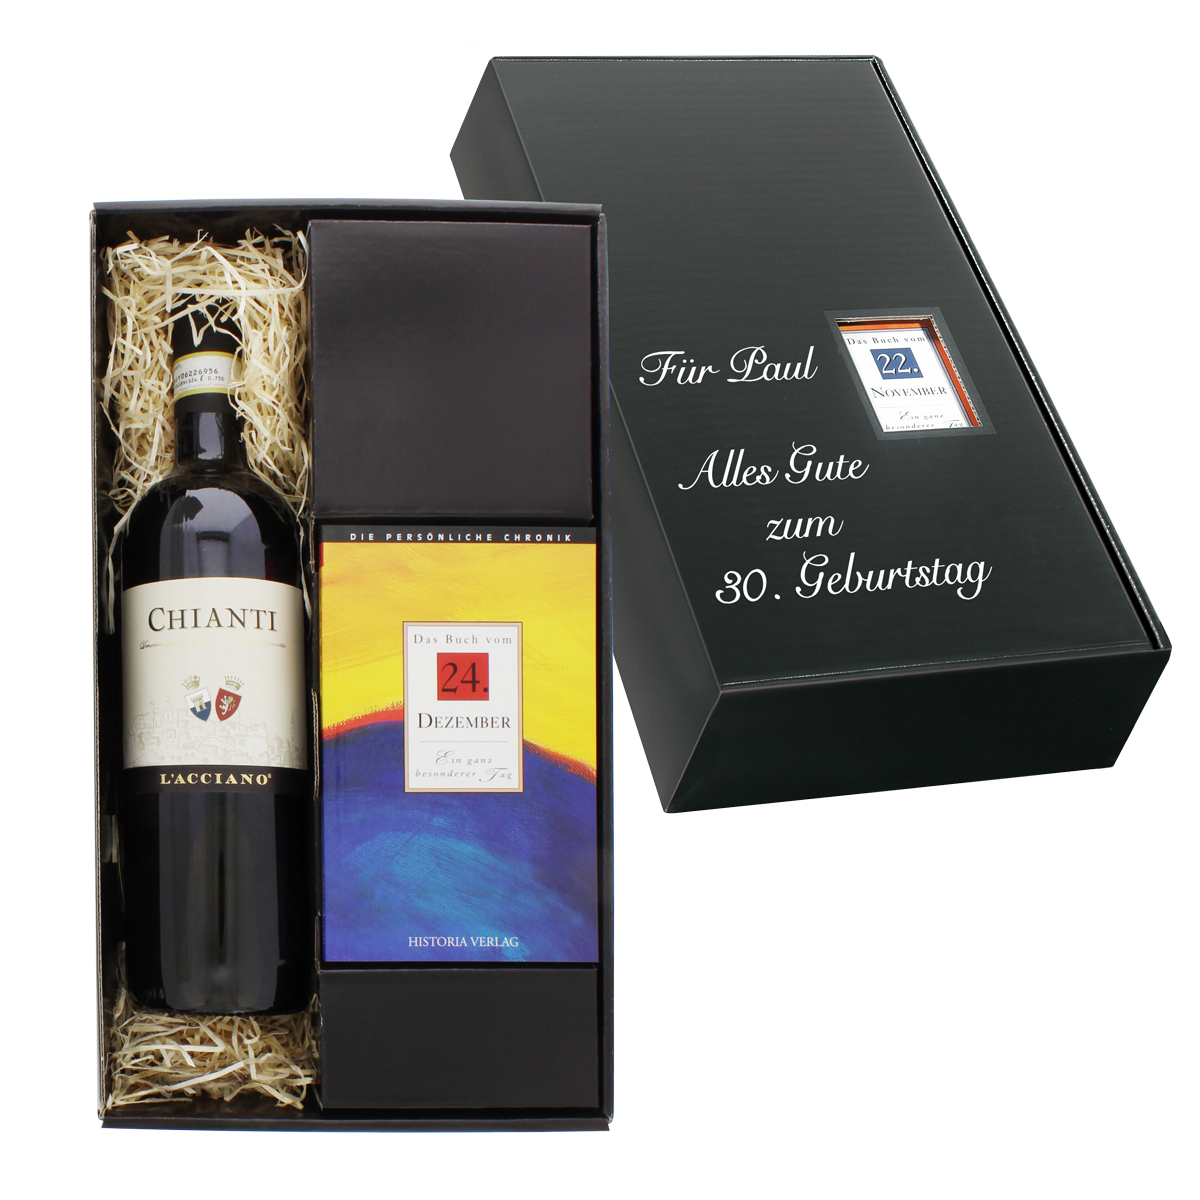 Italien-Set: Tageschronik vom 1. Juli & Chianti-Wein